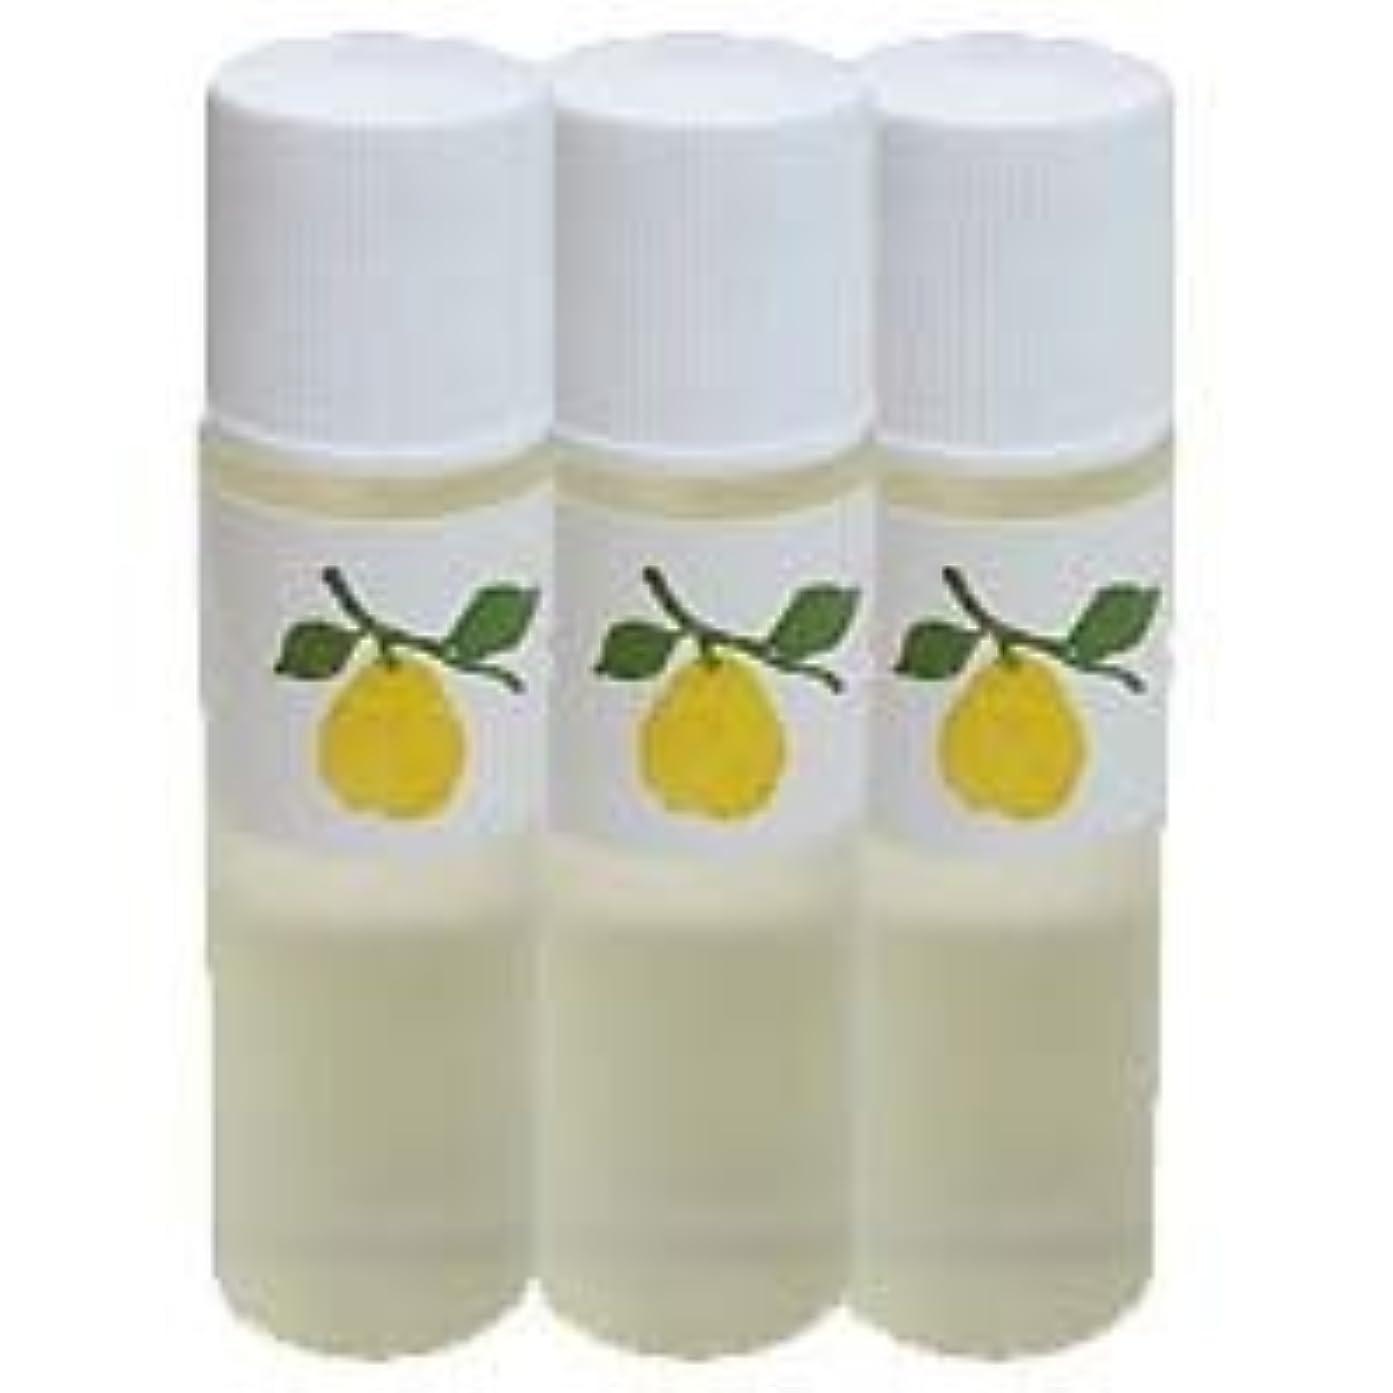 スマイル伝統メディック花梨化粧水ミニ3本セット